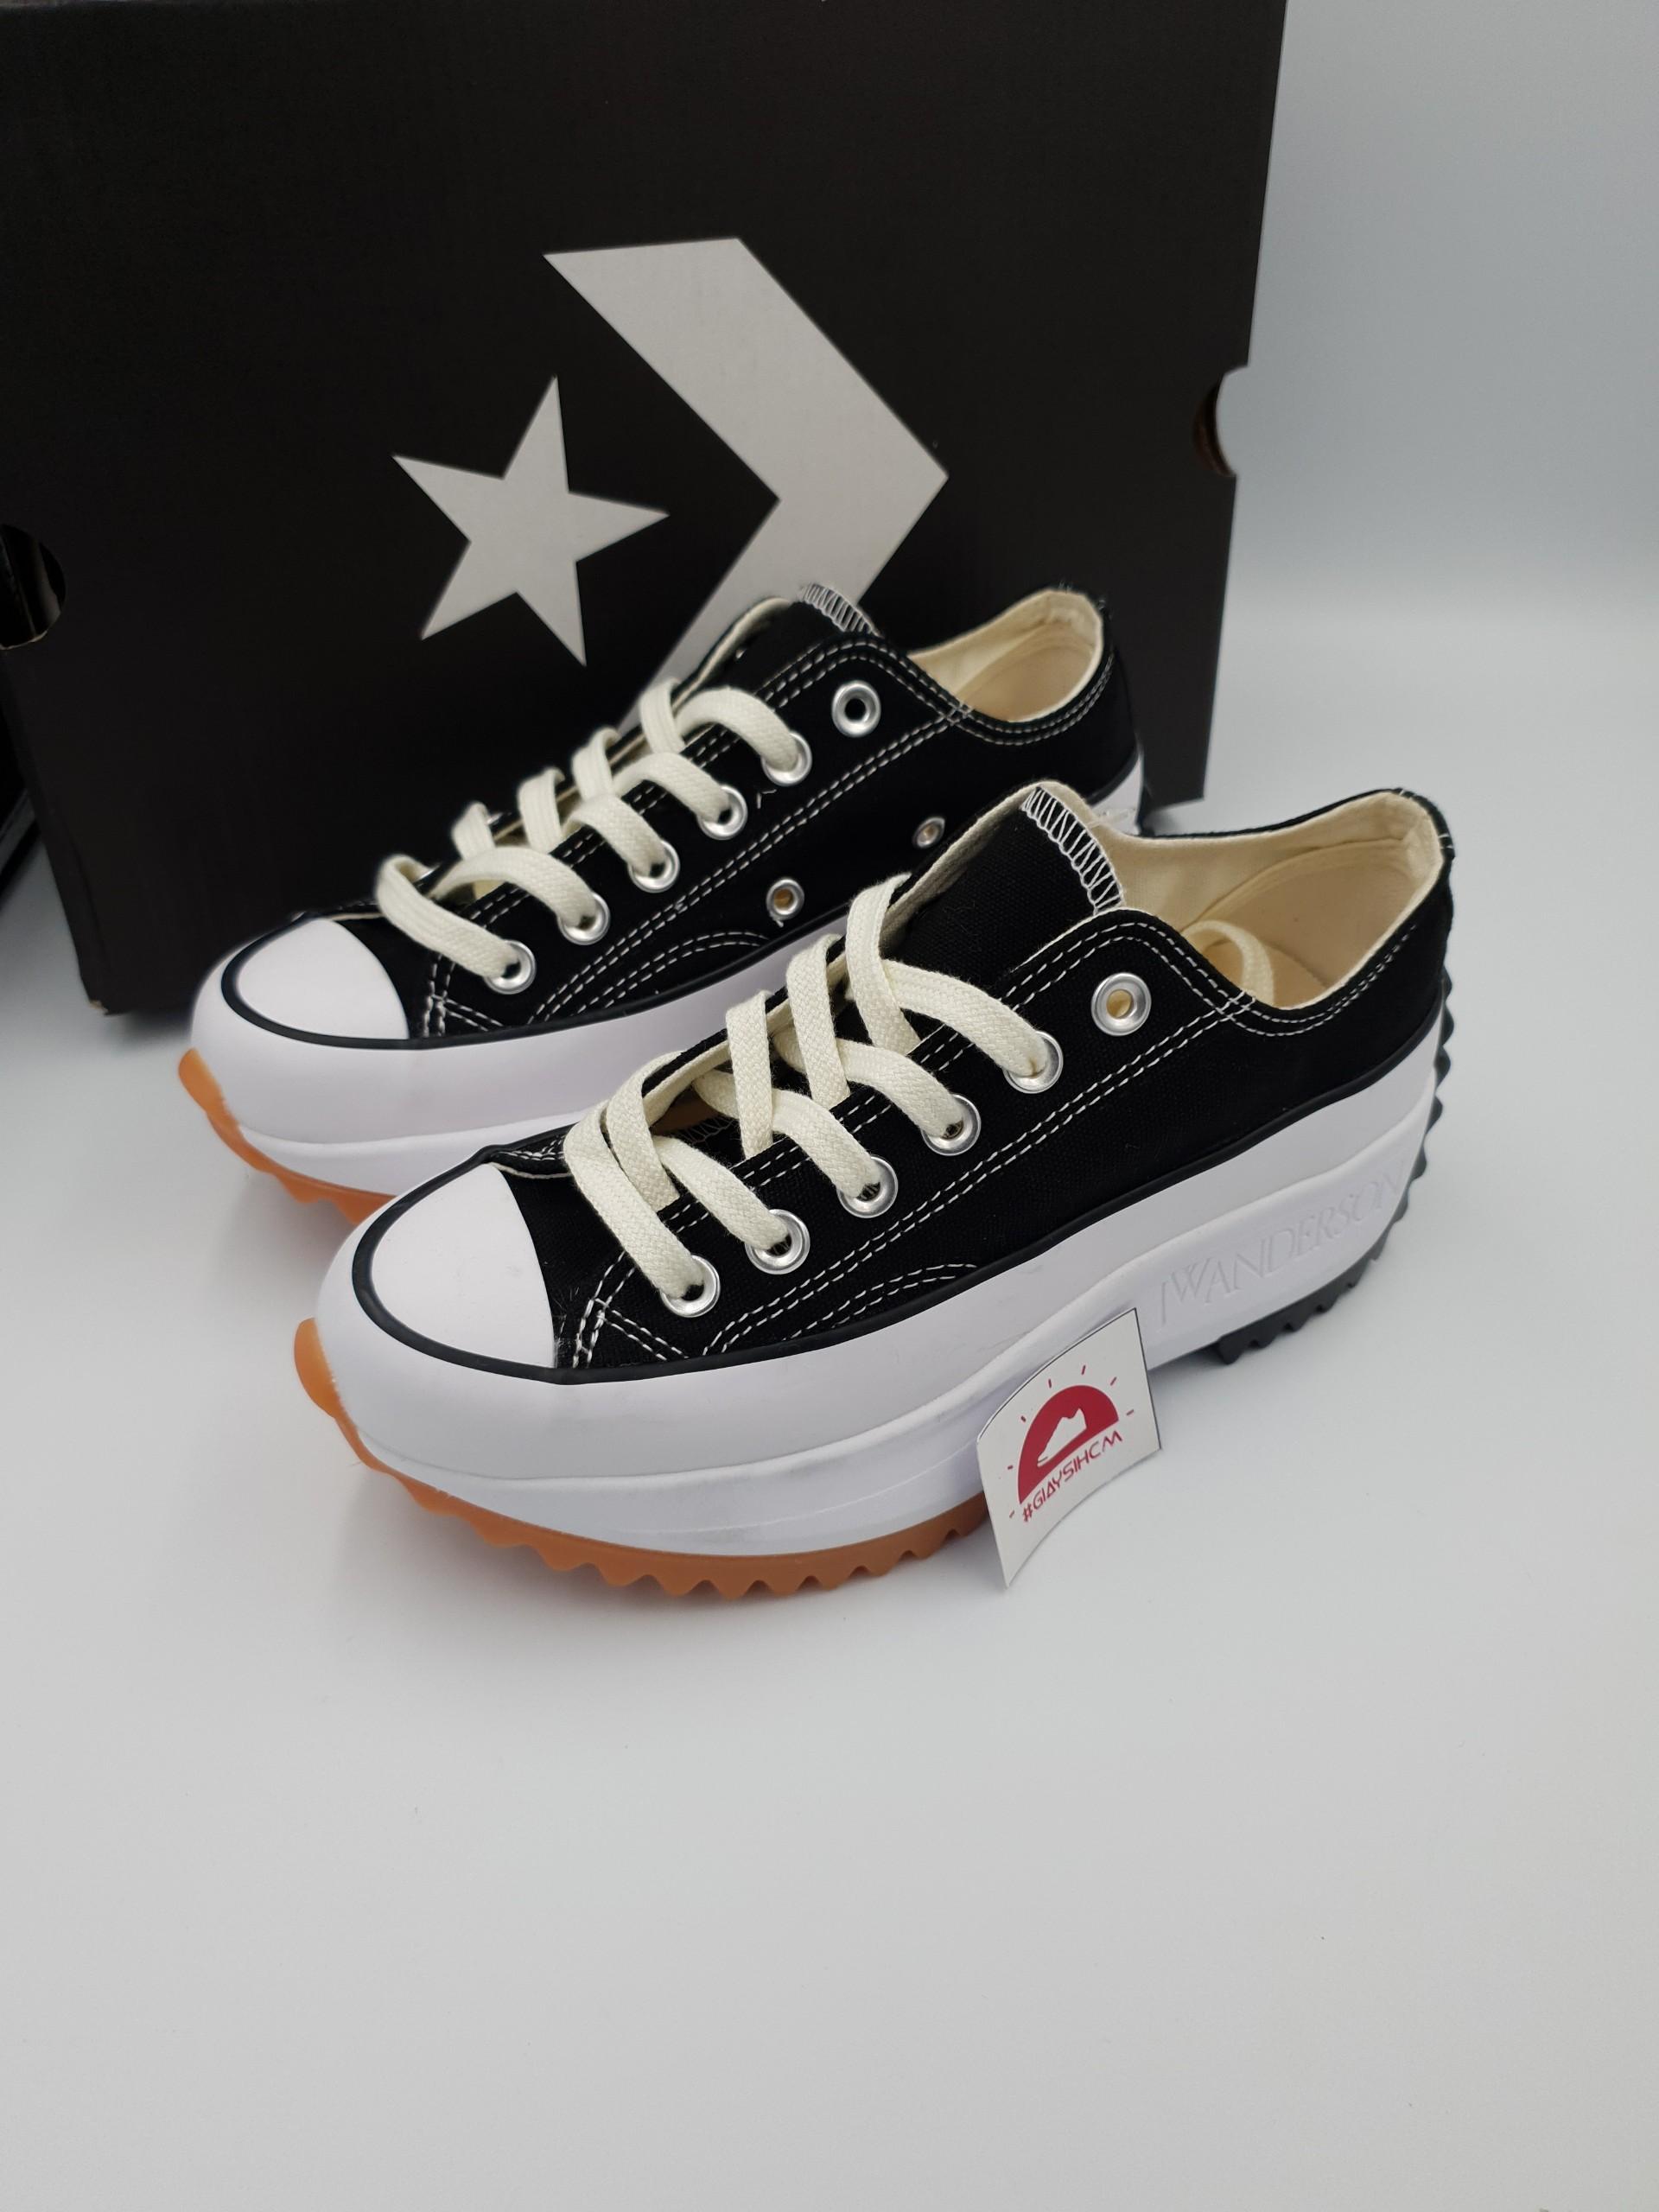 Giay-Converse-Run-Star-Hike-Low-Top-Den-replica